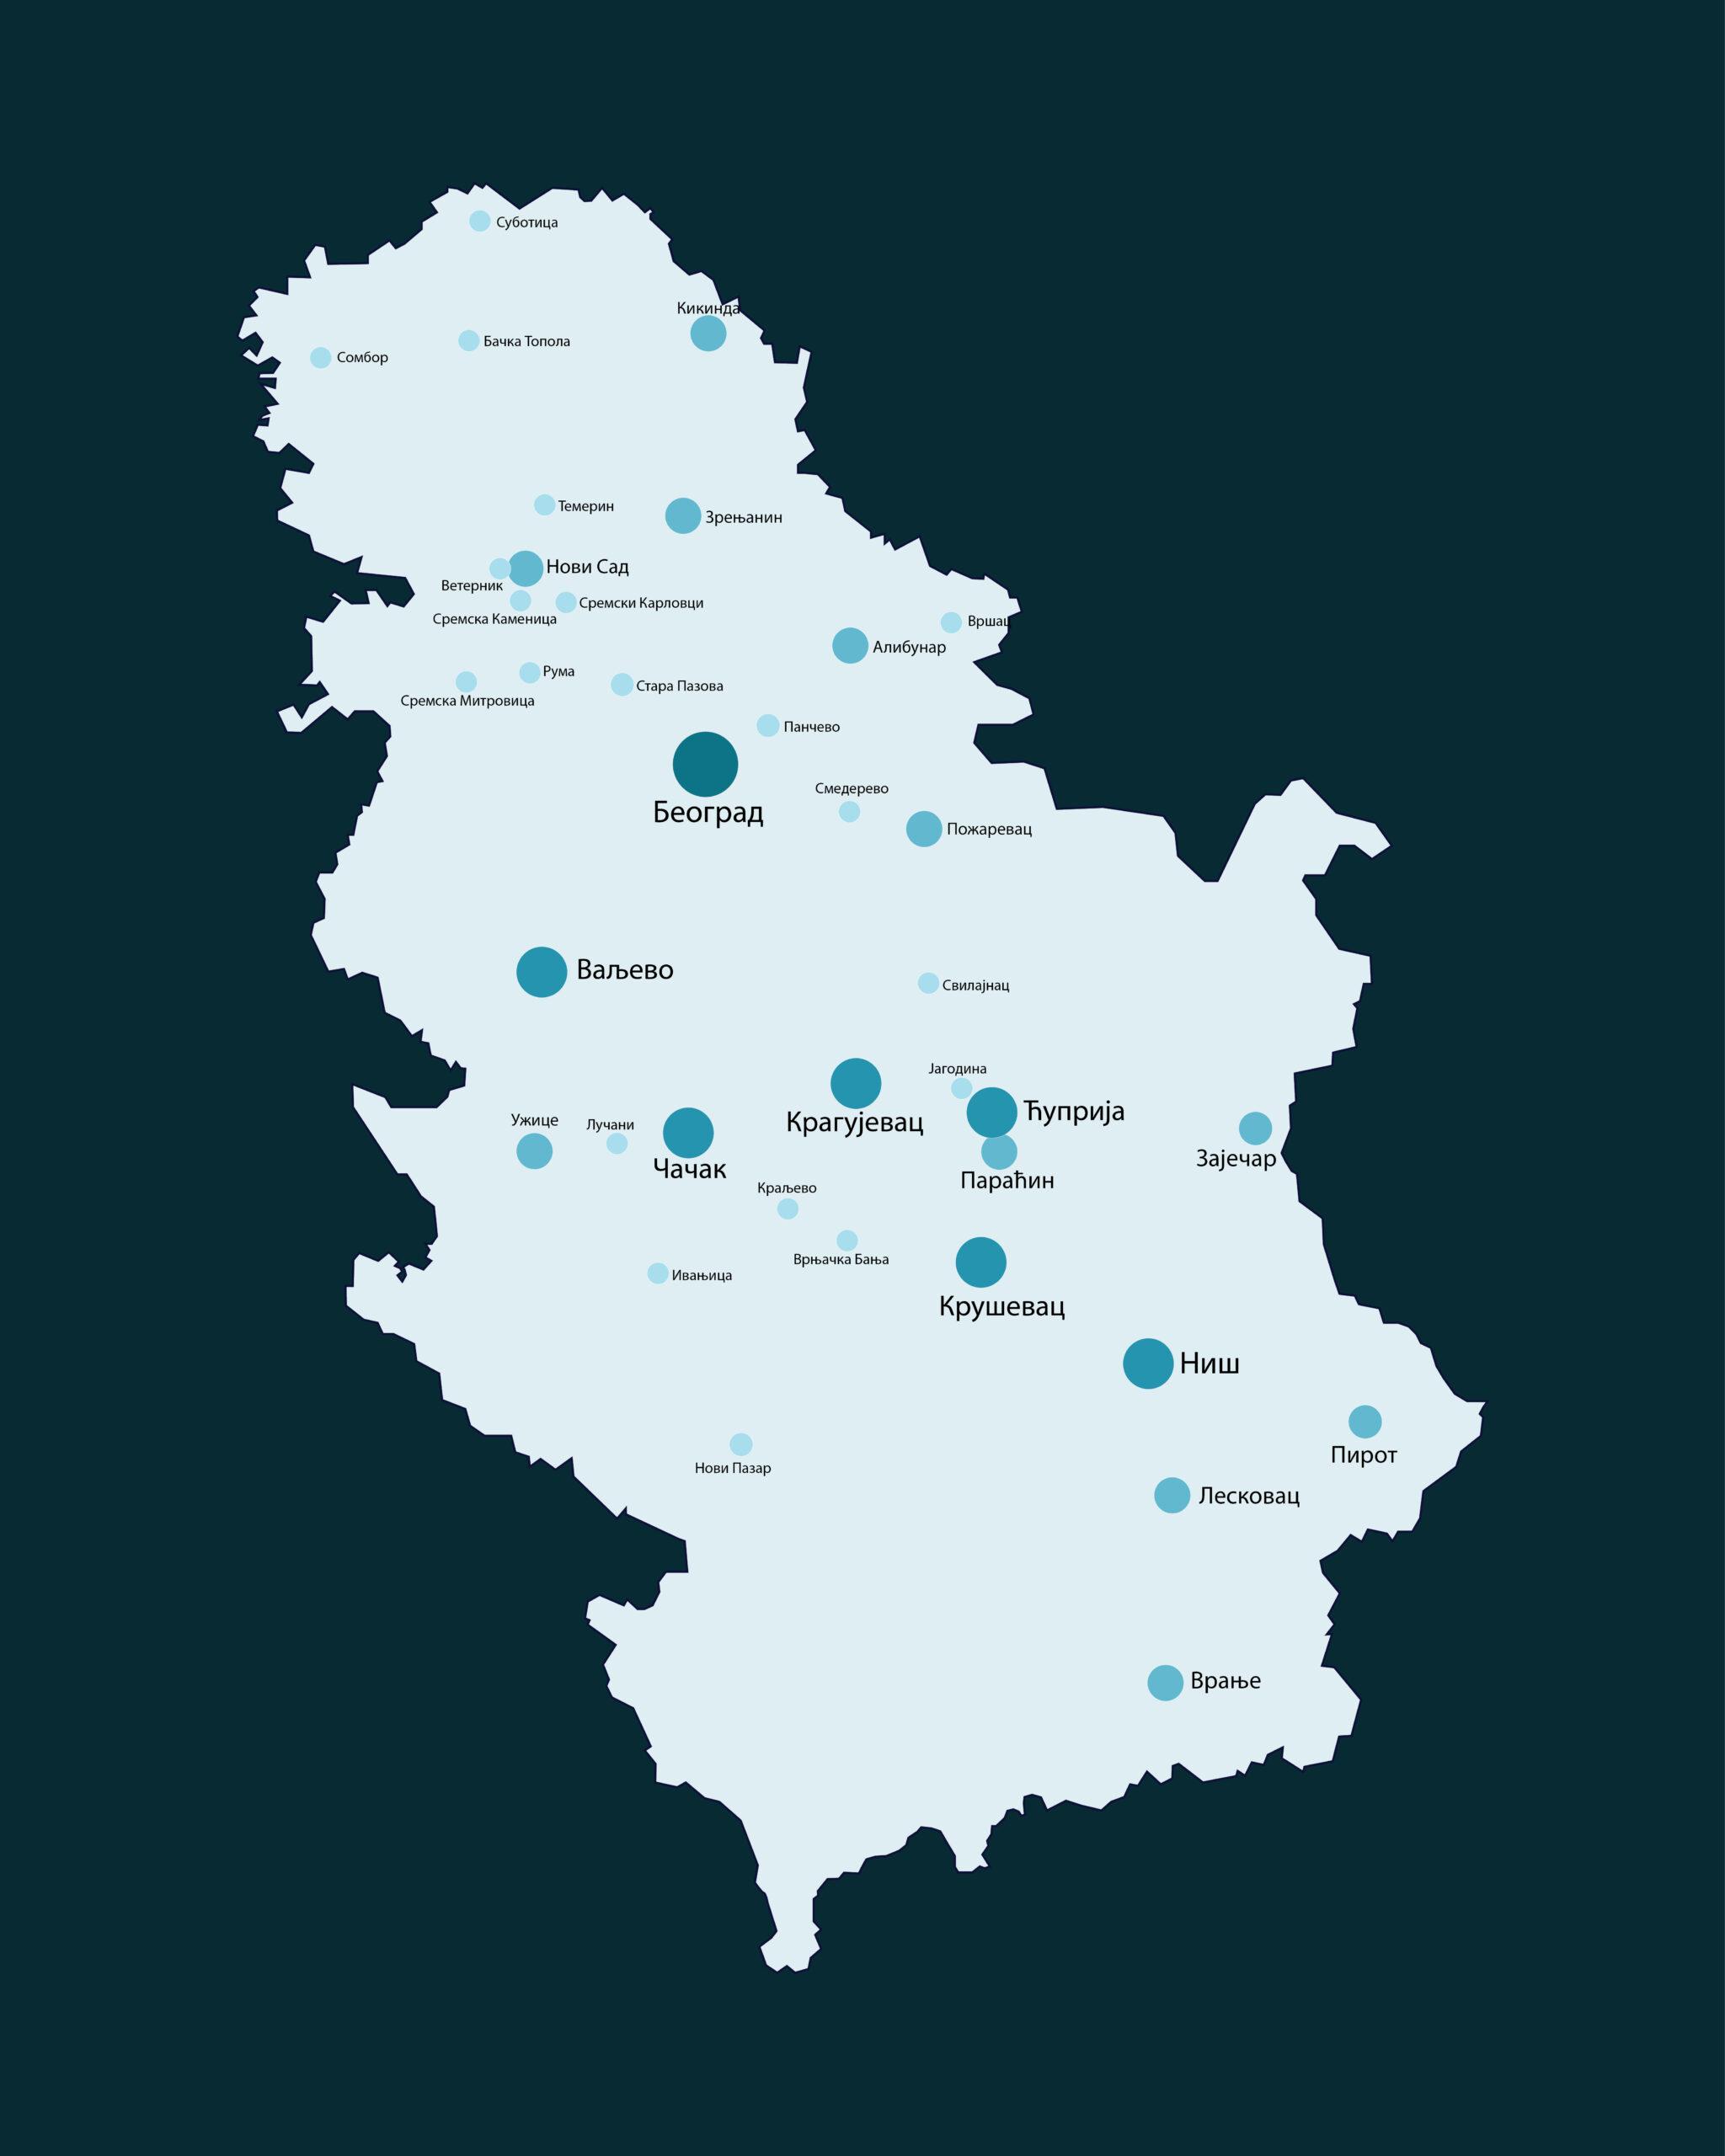 Karta Gradovi Srbije Xxl Covid 19